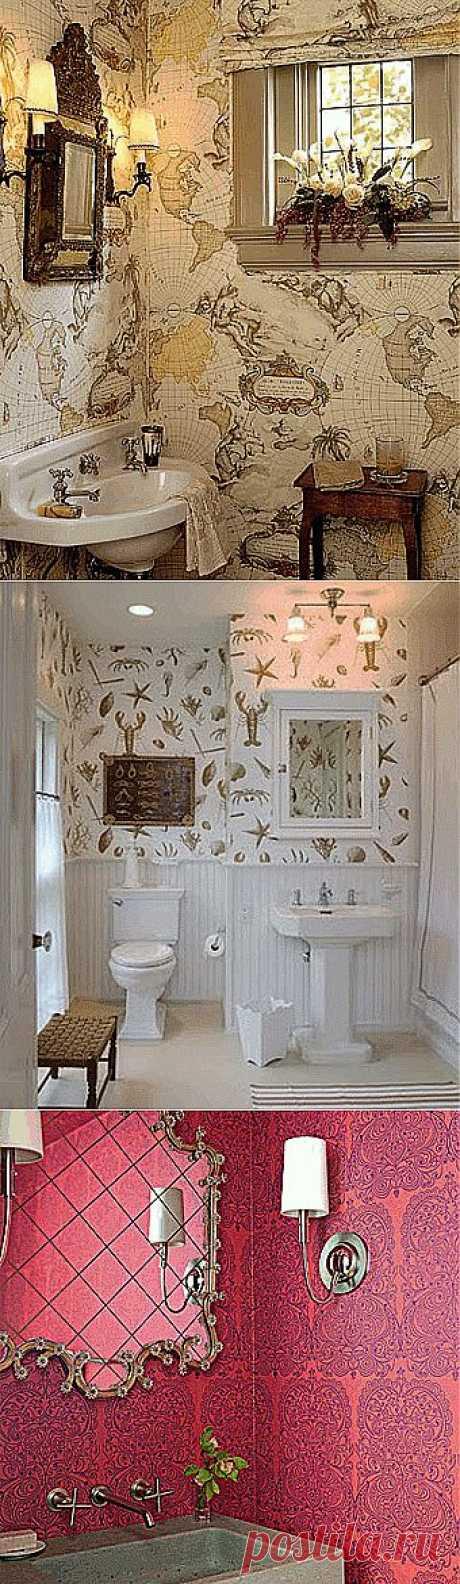 Обои для ванной комнаты: 9 простых правил - Учимся Делать Все Сами